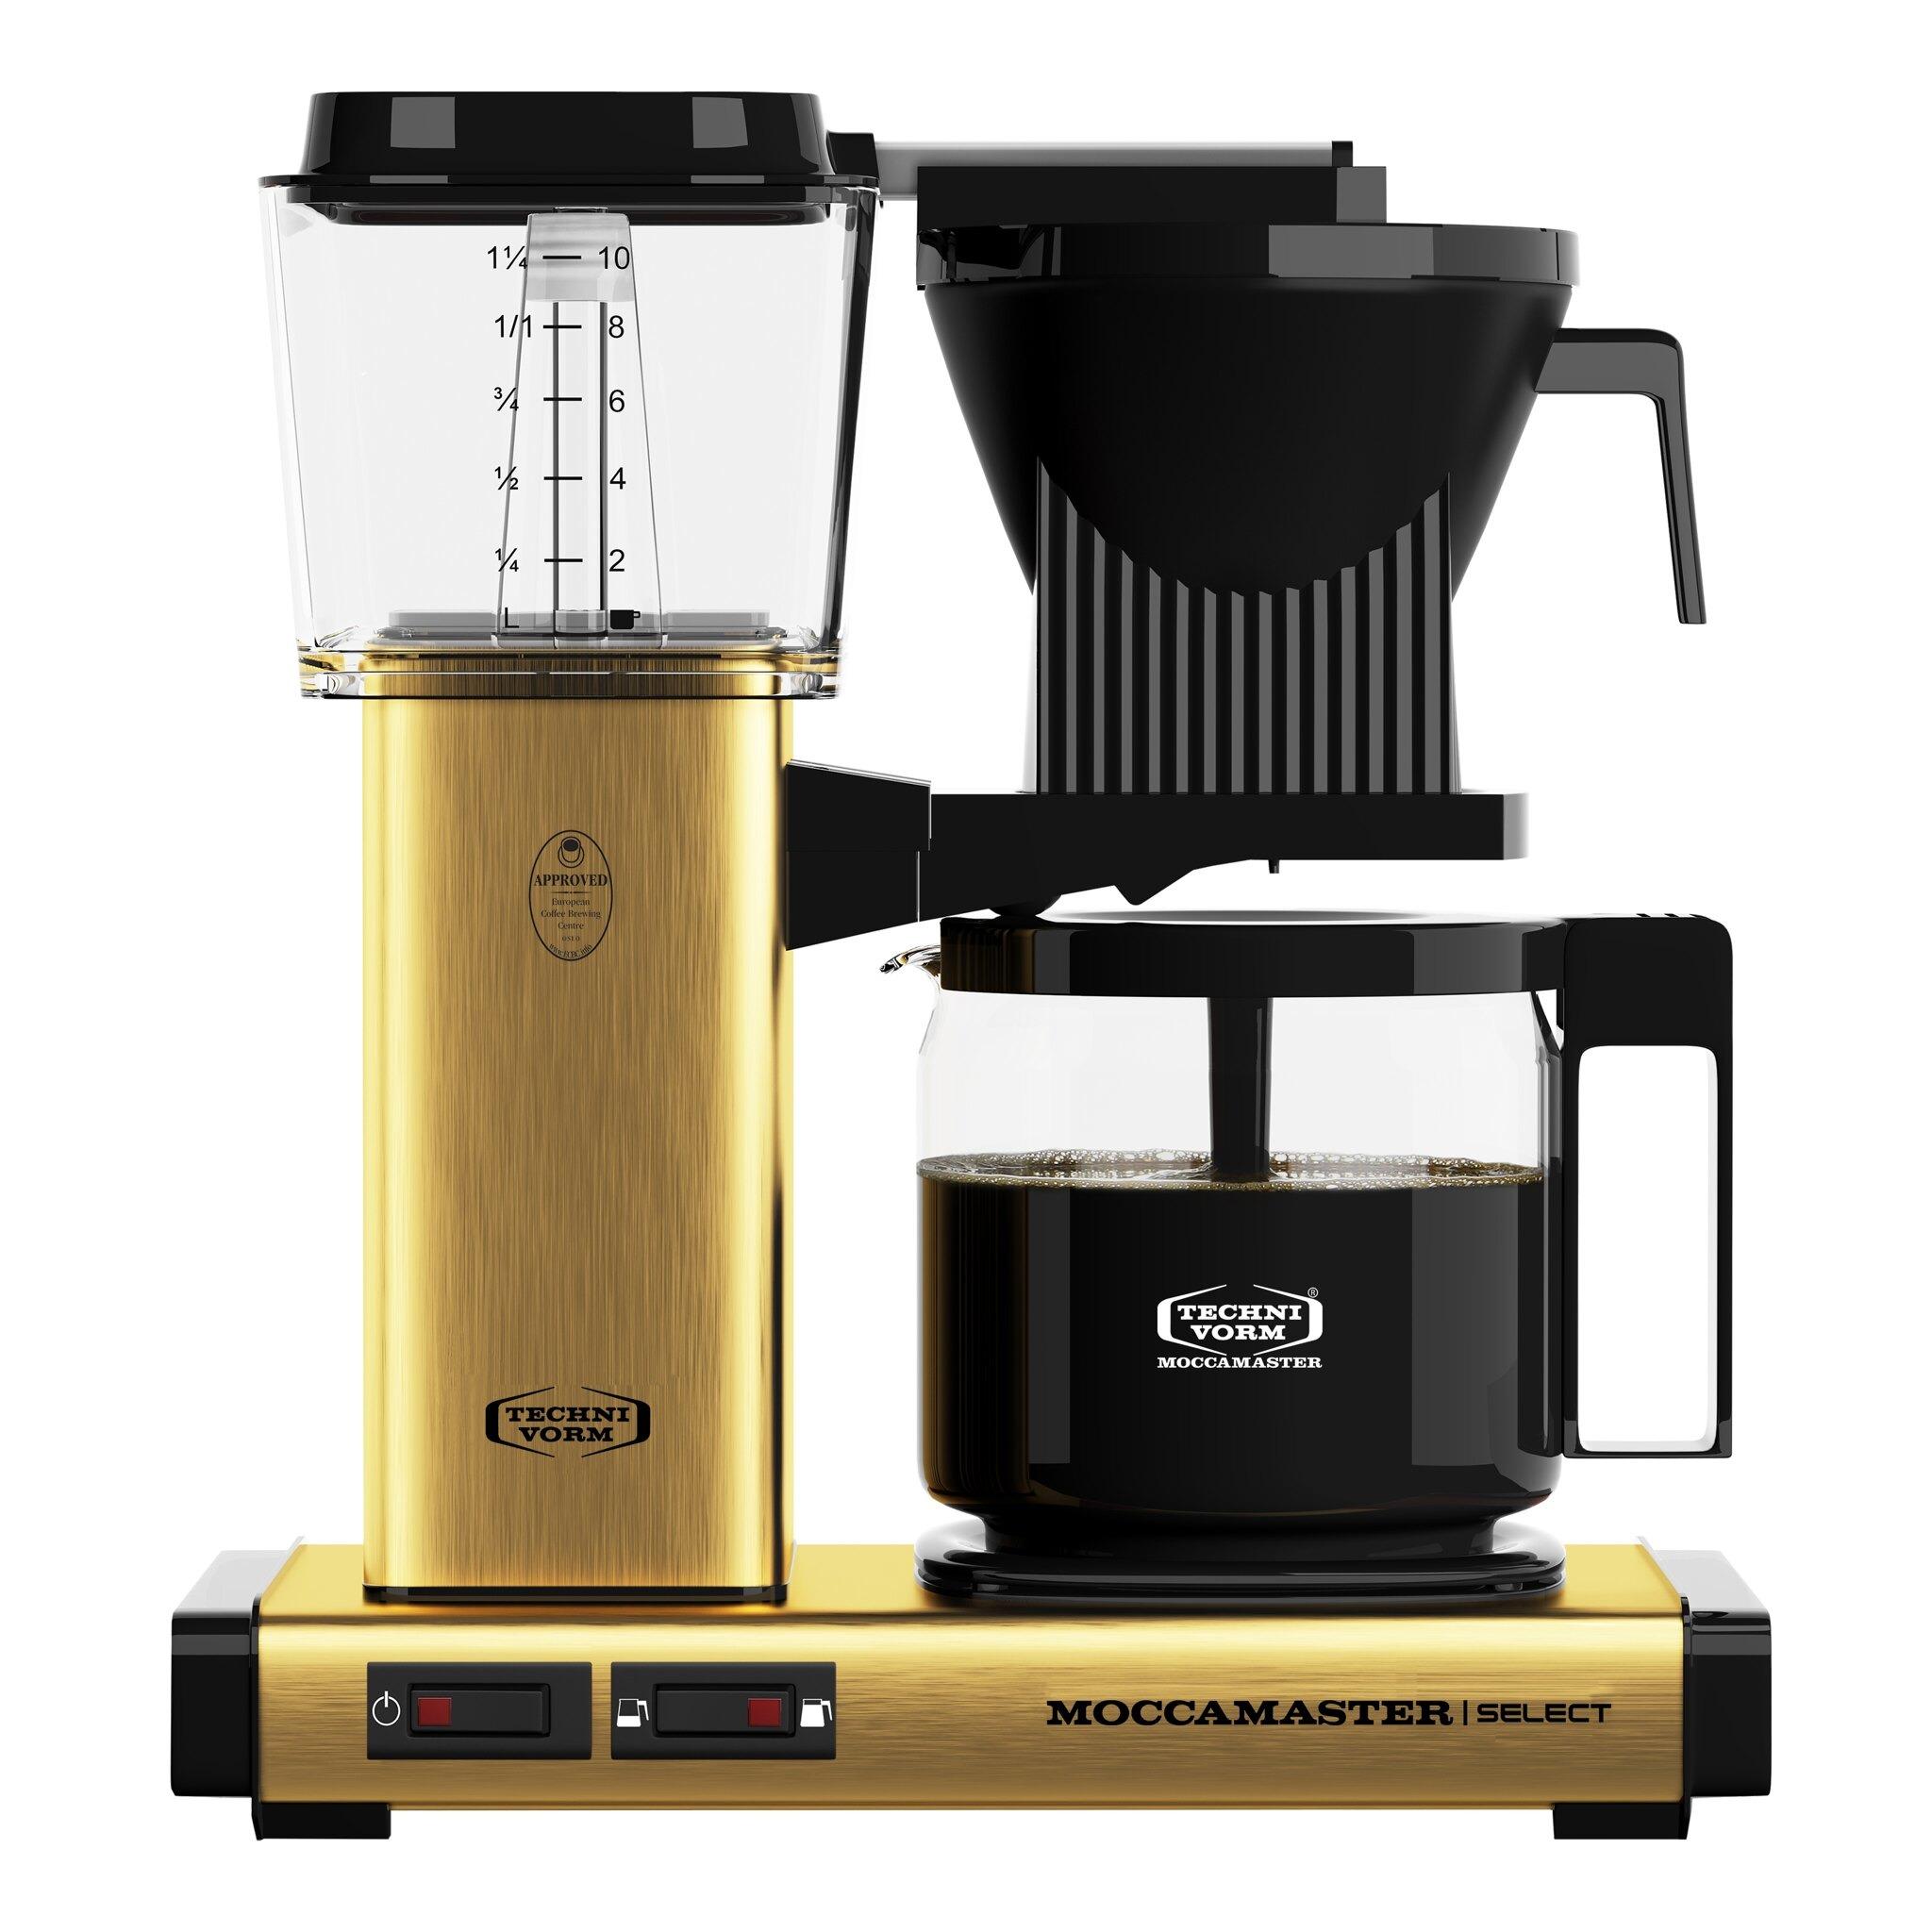 Moccamaster koffiefilter apparaat KBG SELECT goud